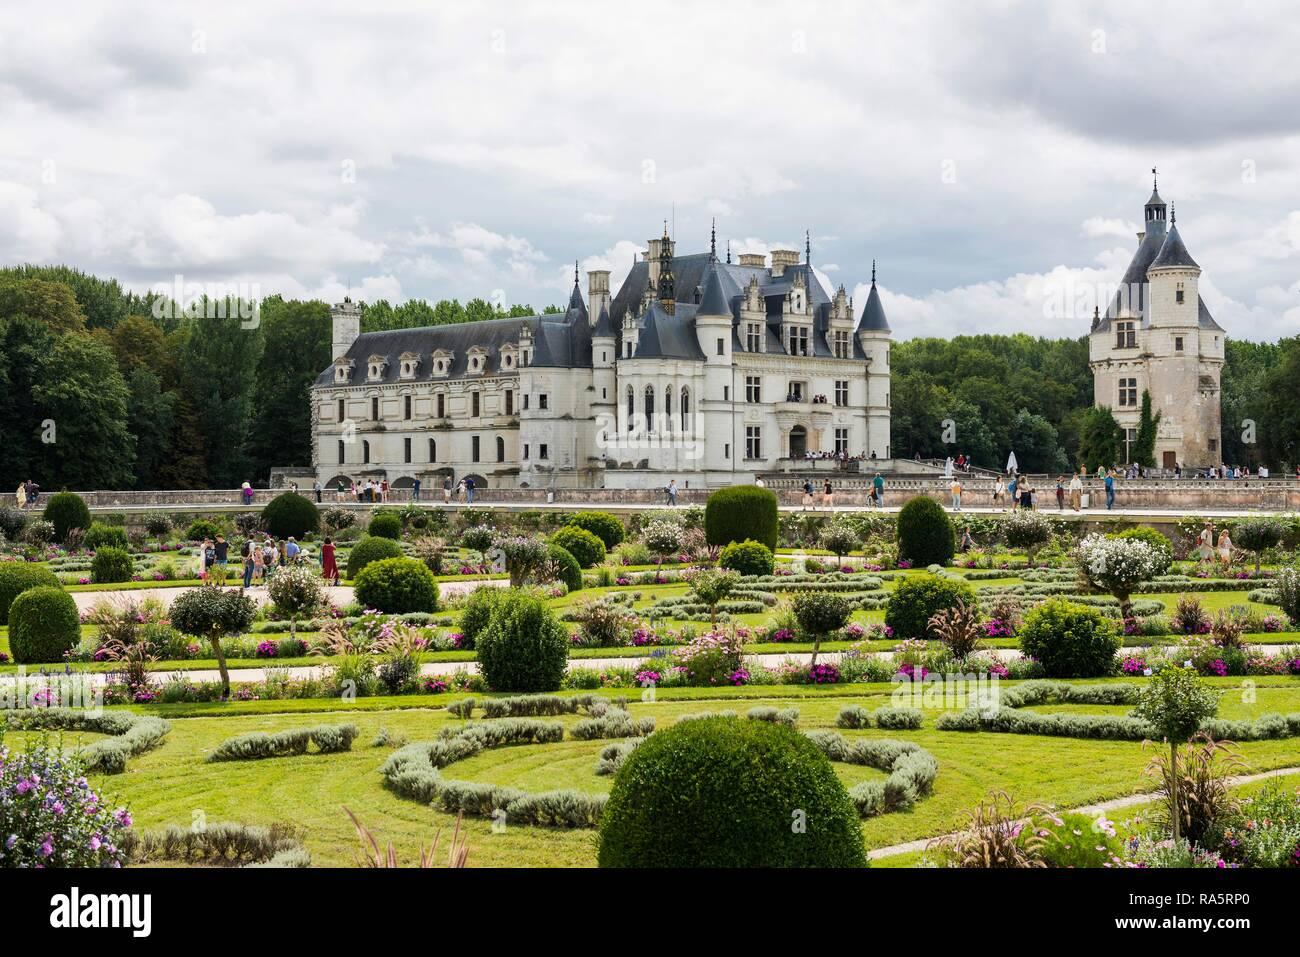 Castillo de Chenonceau y sus jardines, el Château de Chenonceau, Chenonceaux, departamento de Loira, Indre-et-Loire, Región Centro, Francia Imagen De Stock